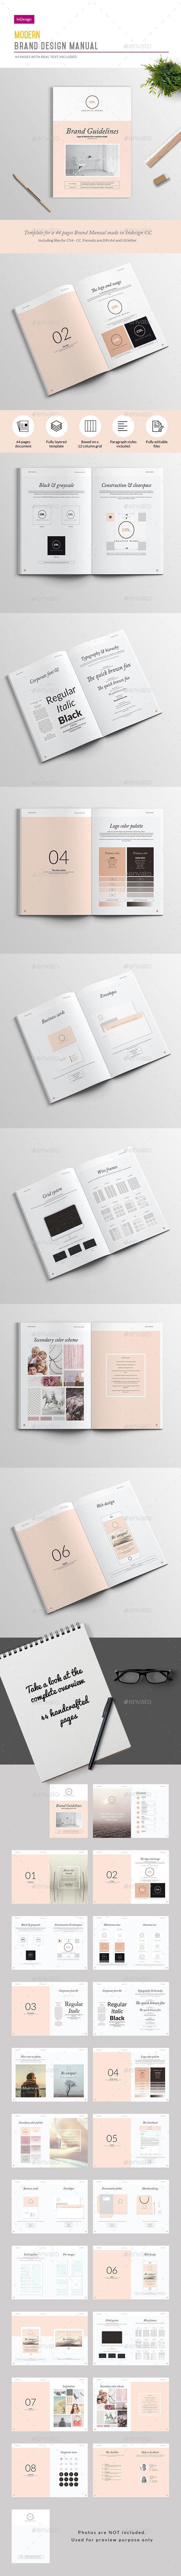 Выбор цветовой схемы описан на примере фото